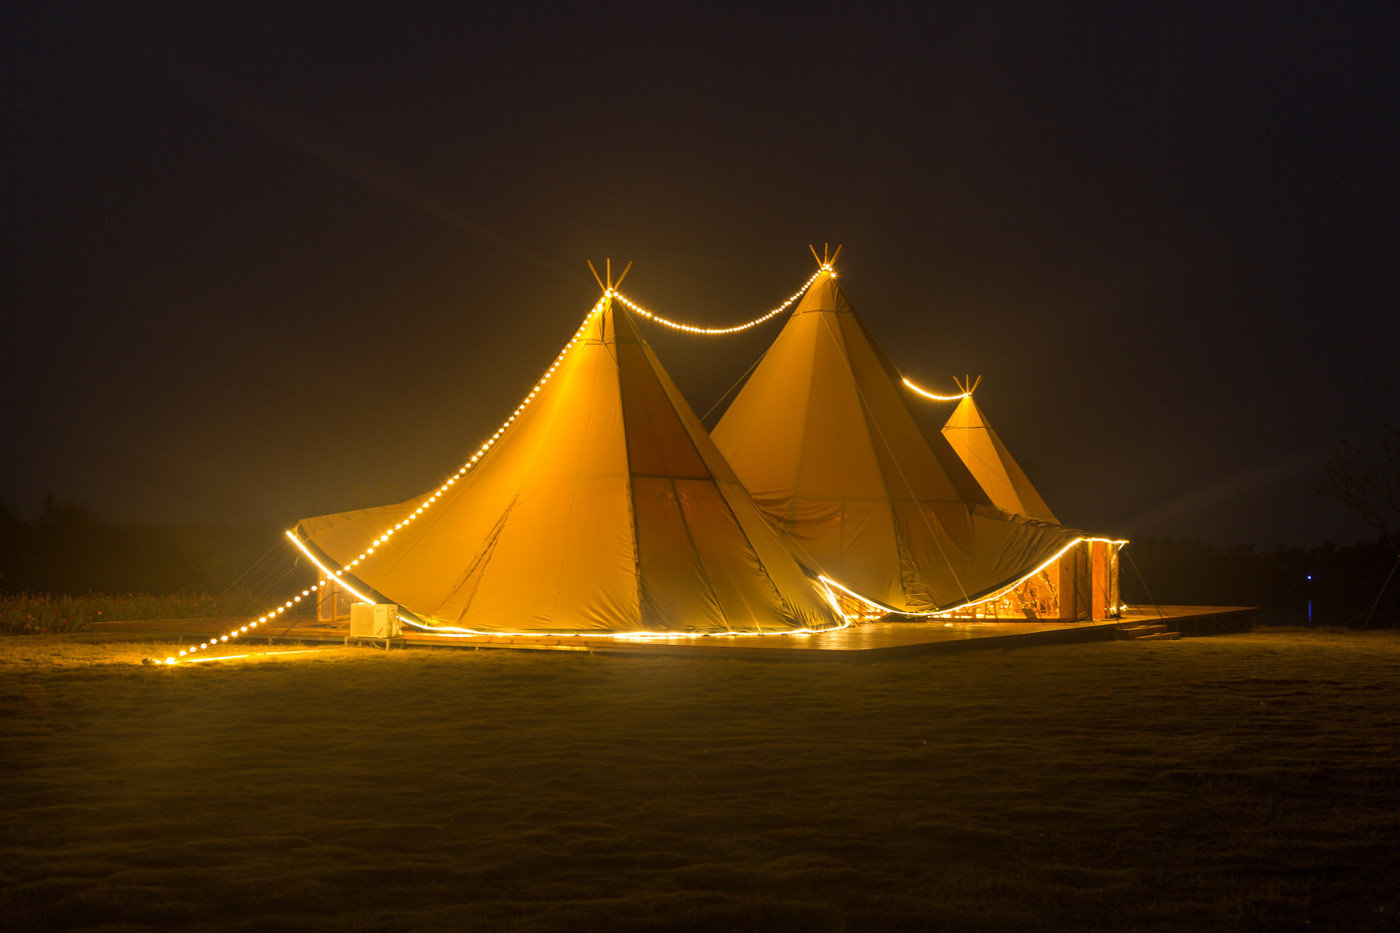 喜马拉雅印第安多功能大厅—淮安白马湖生态旅游度假区21